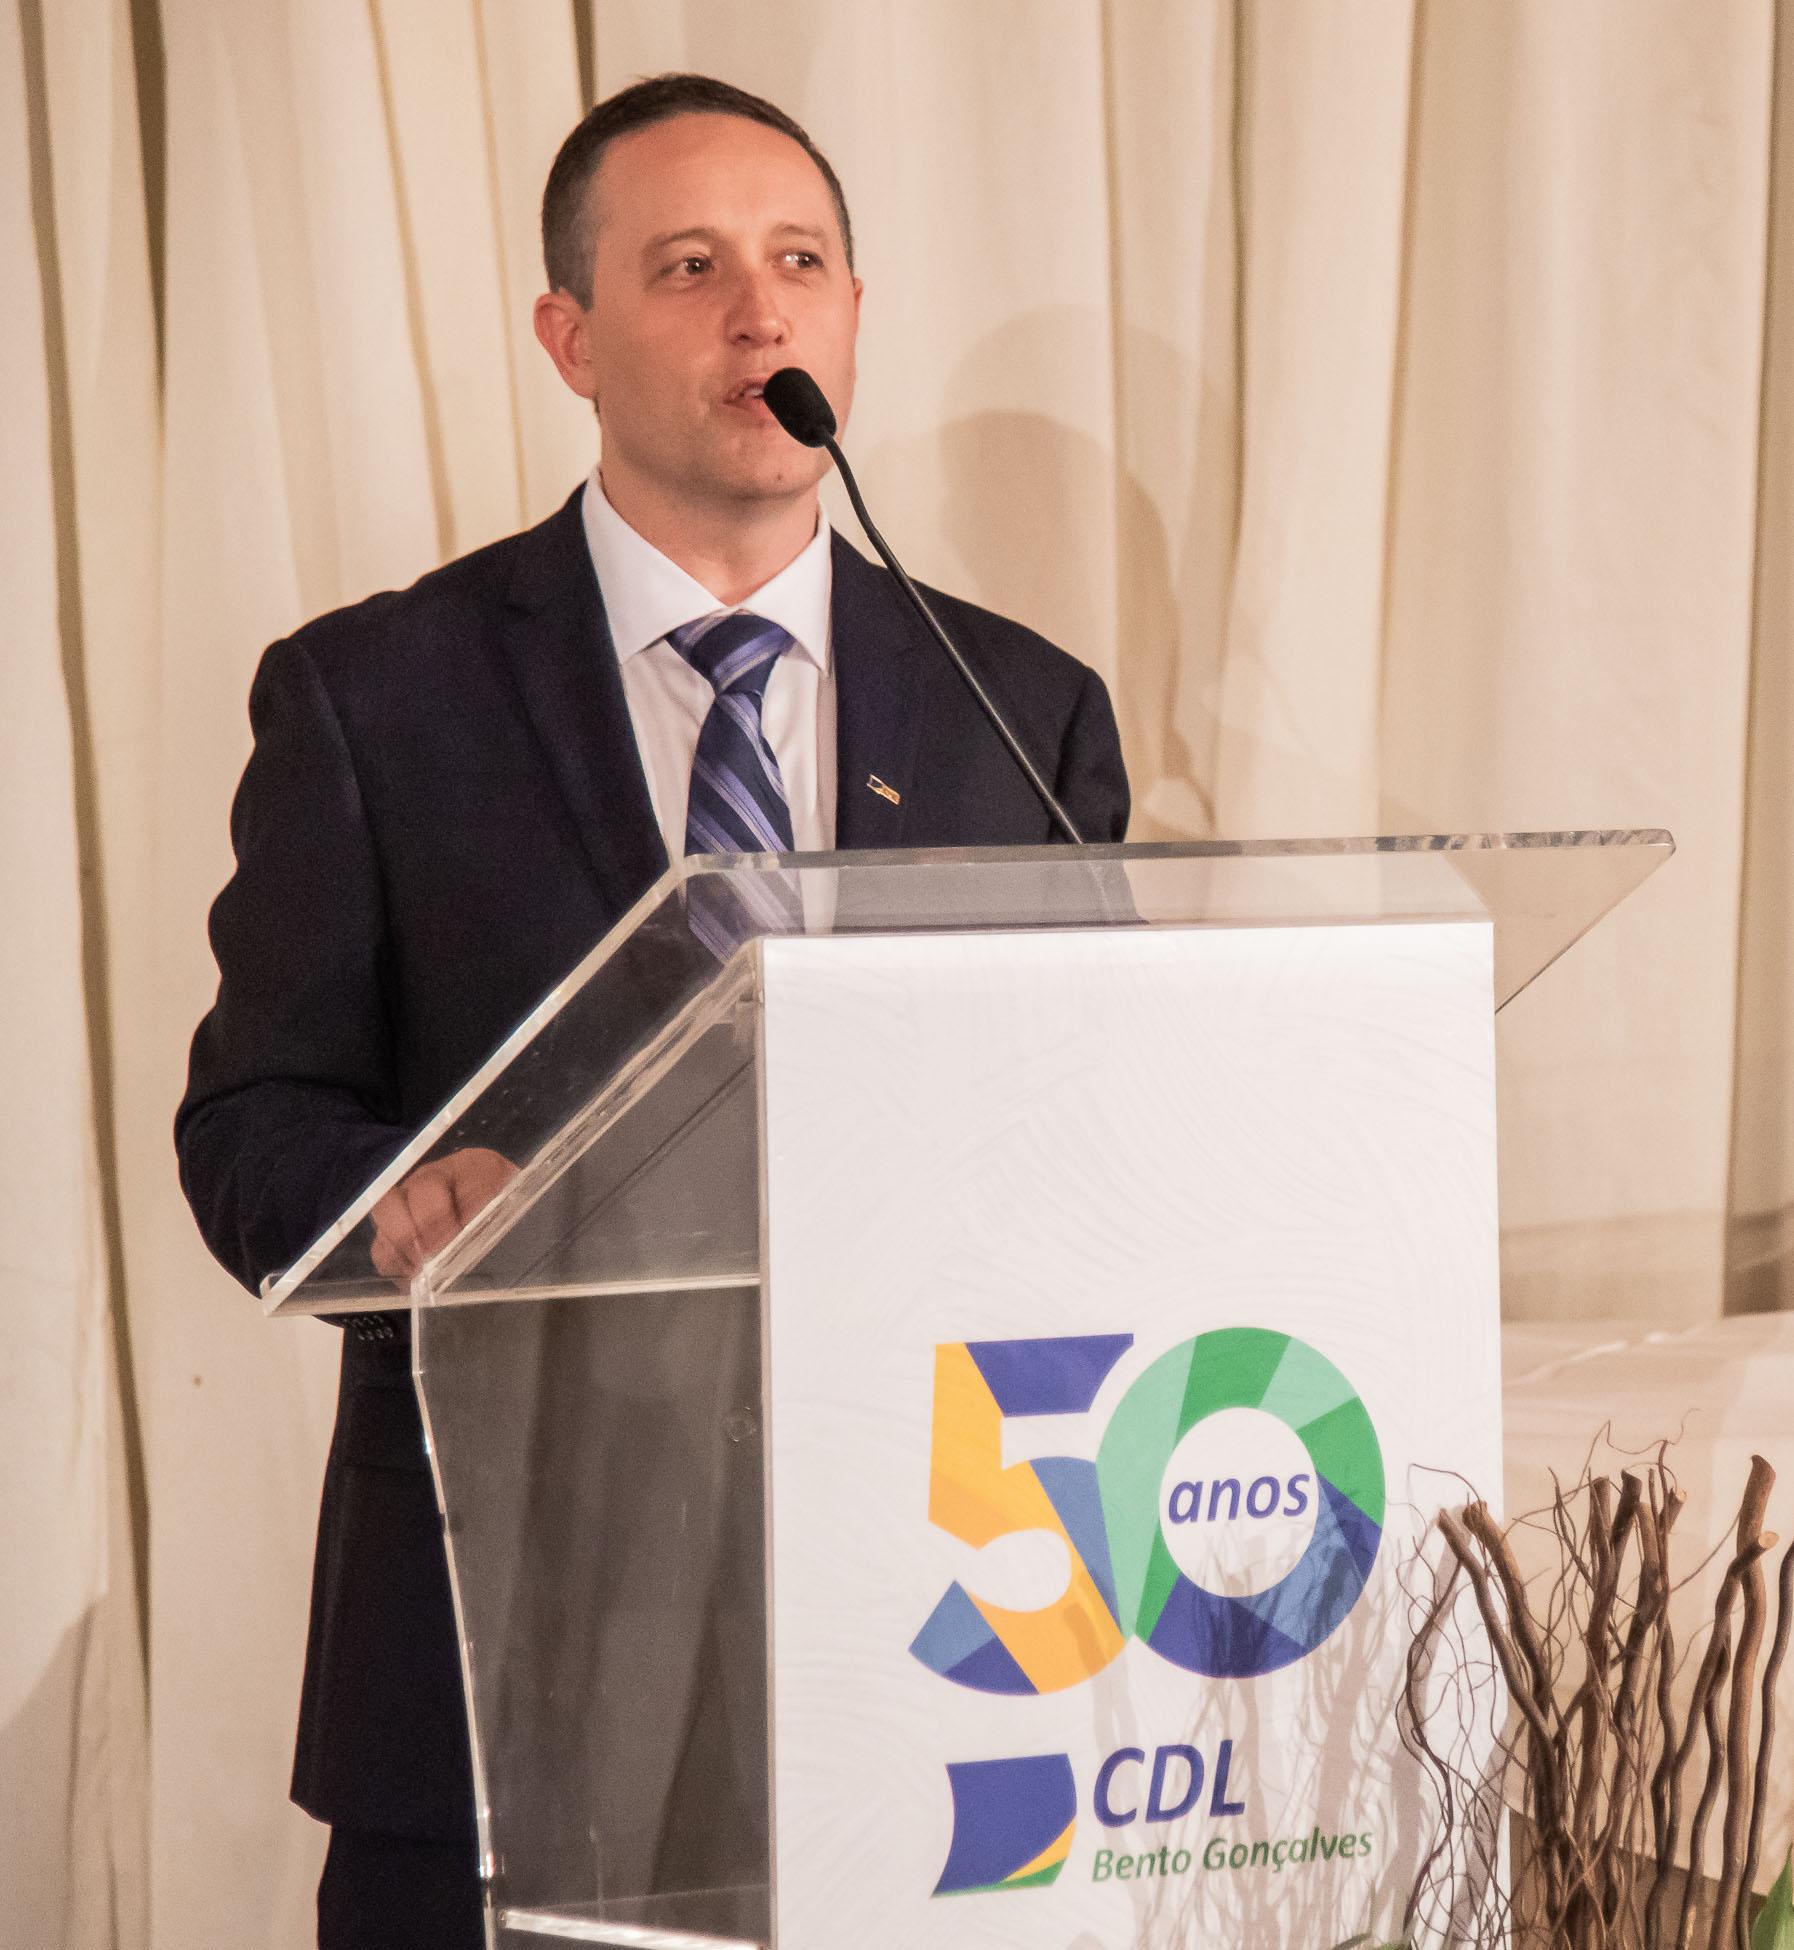 CDL-BG Reage Contra Classificação De Bento Gonçalves Como Bandeira Vermelha